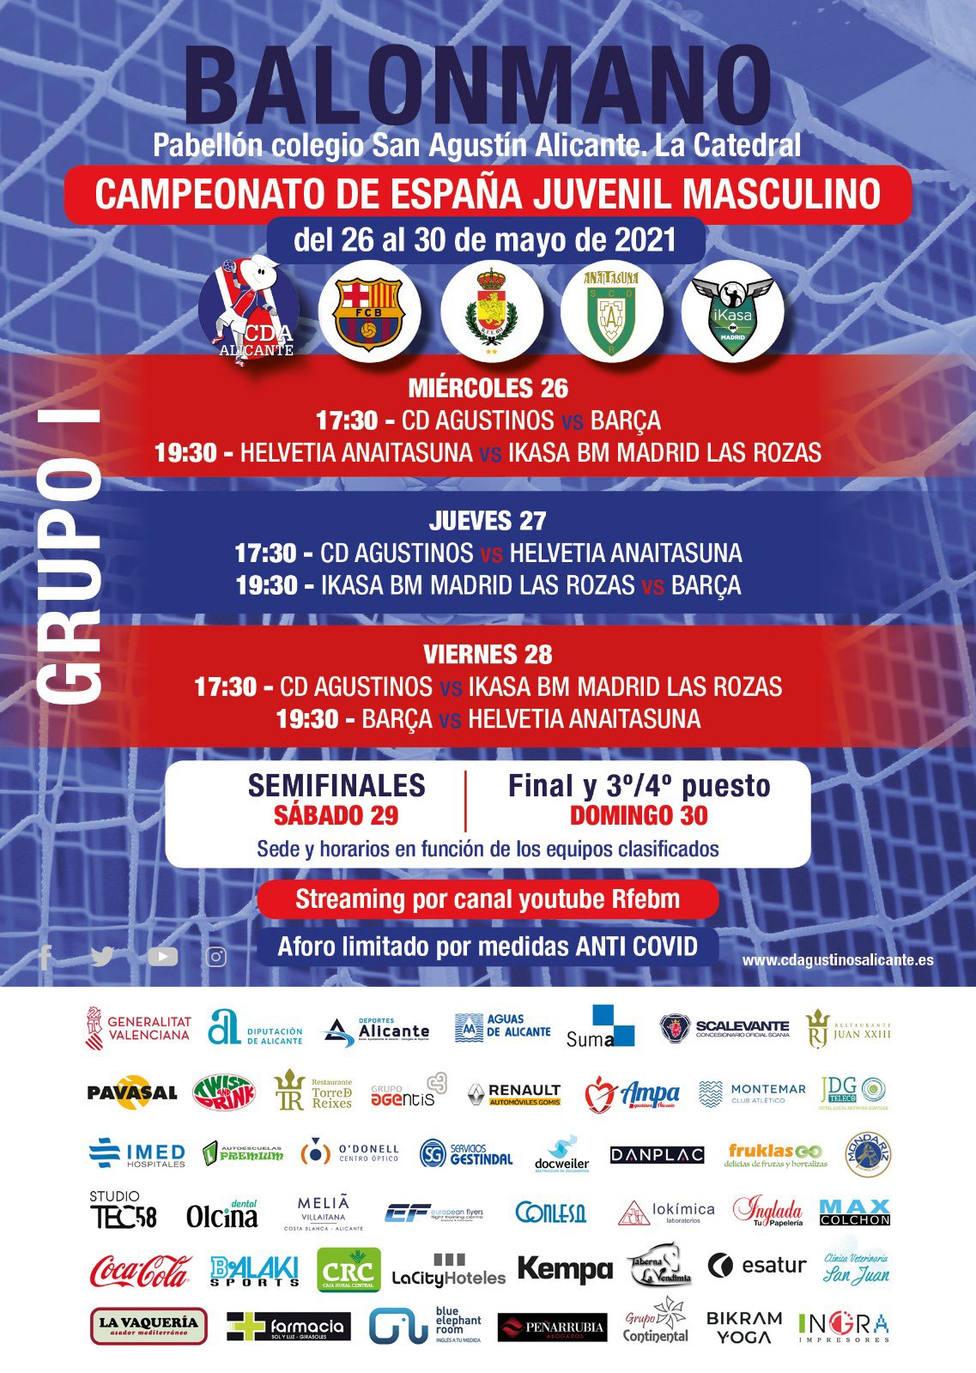 Alicante acoge la Fase Final del Campeonato de España de balonmano juvenil